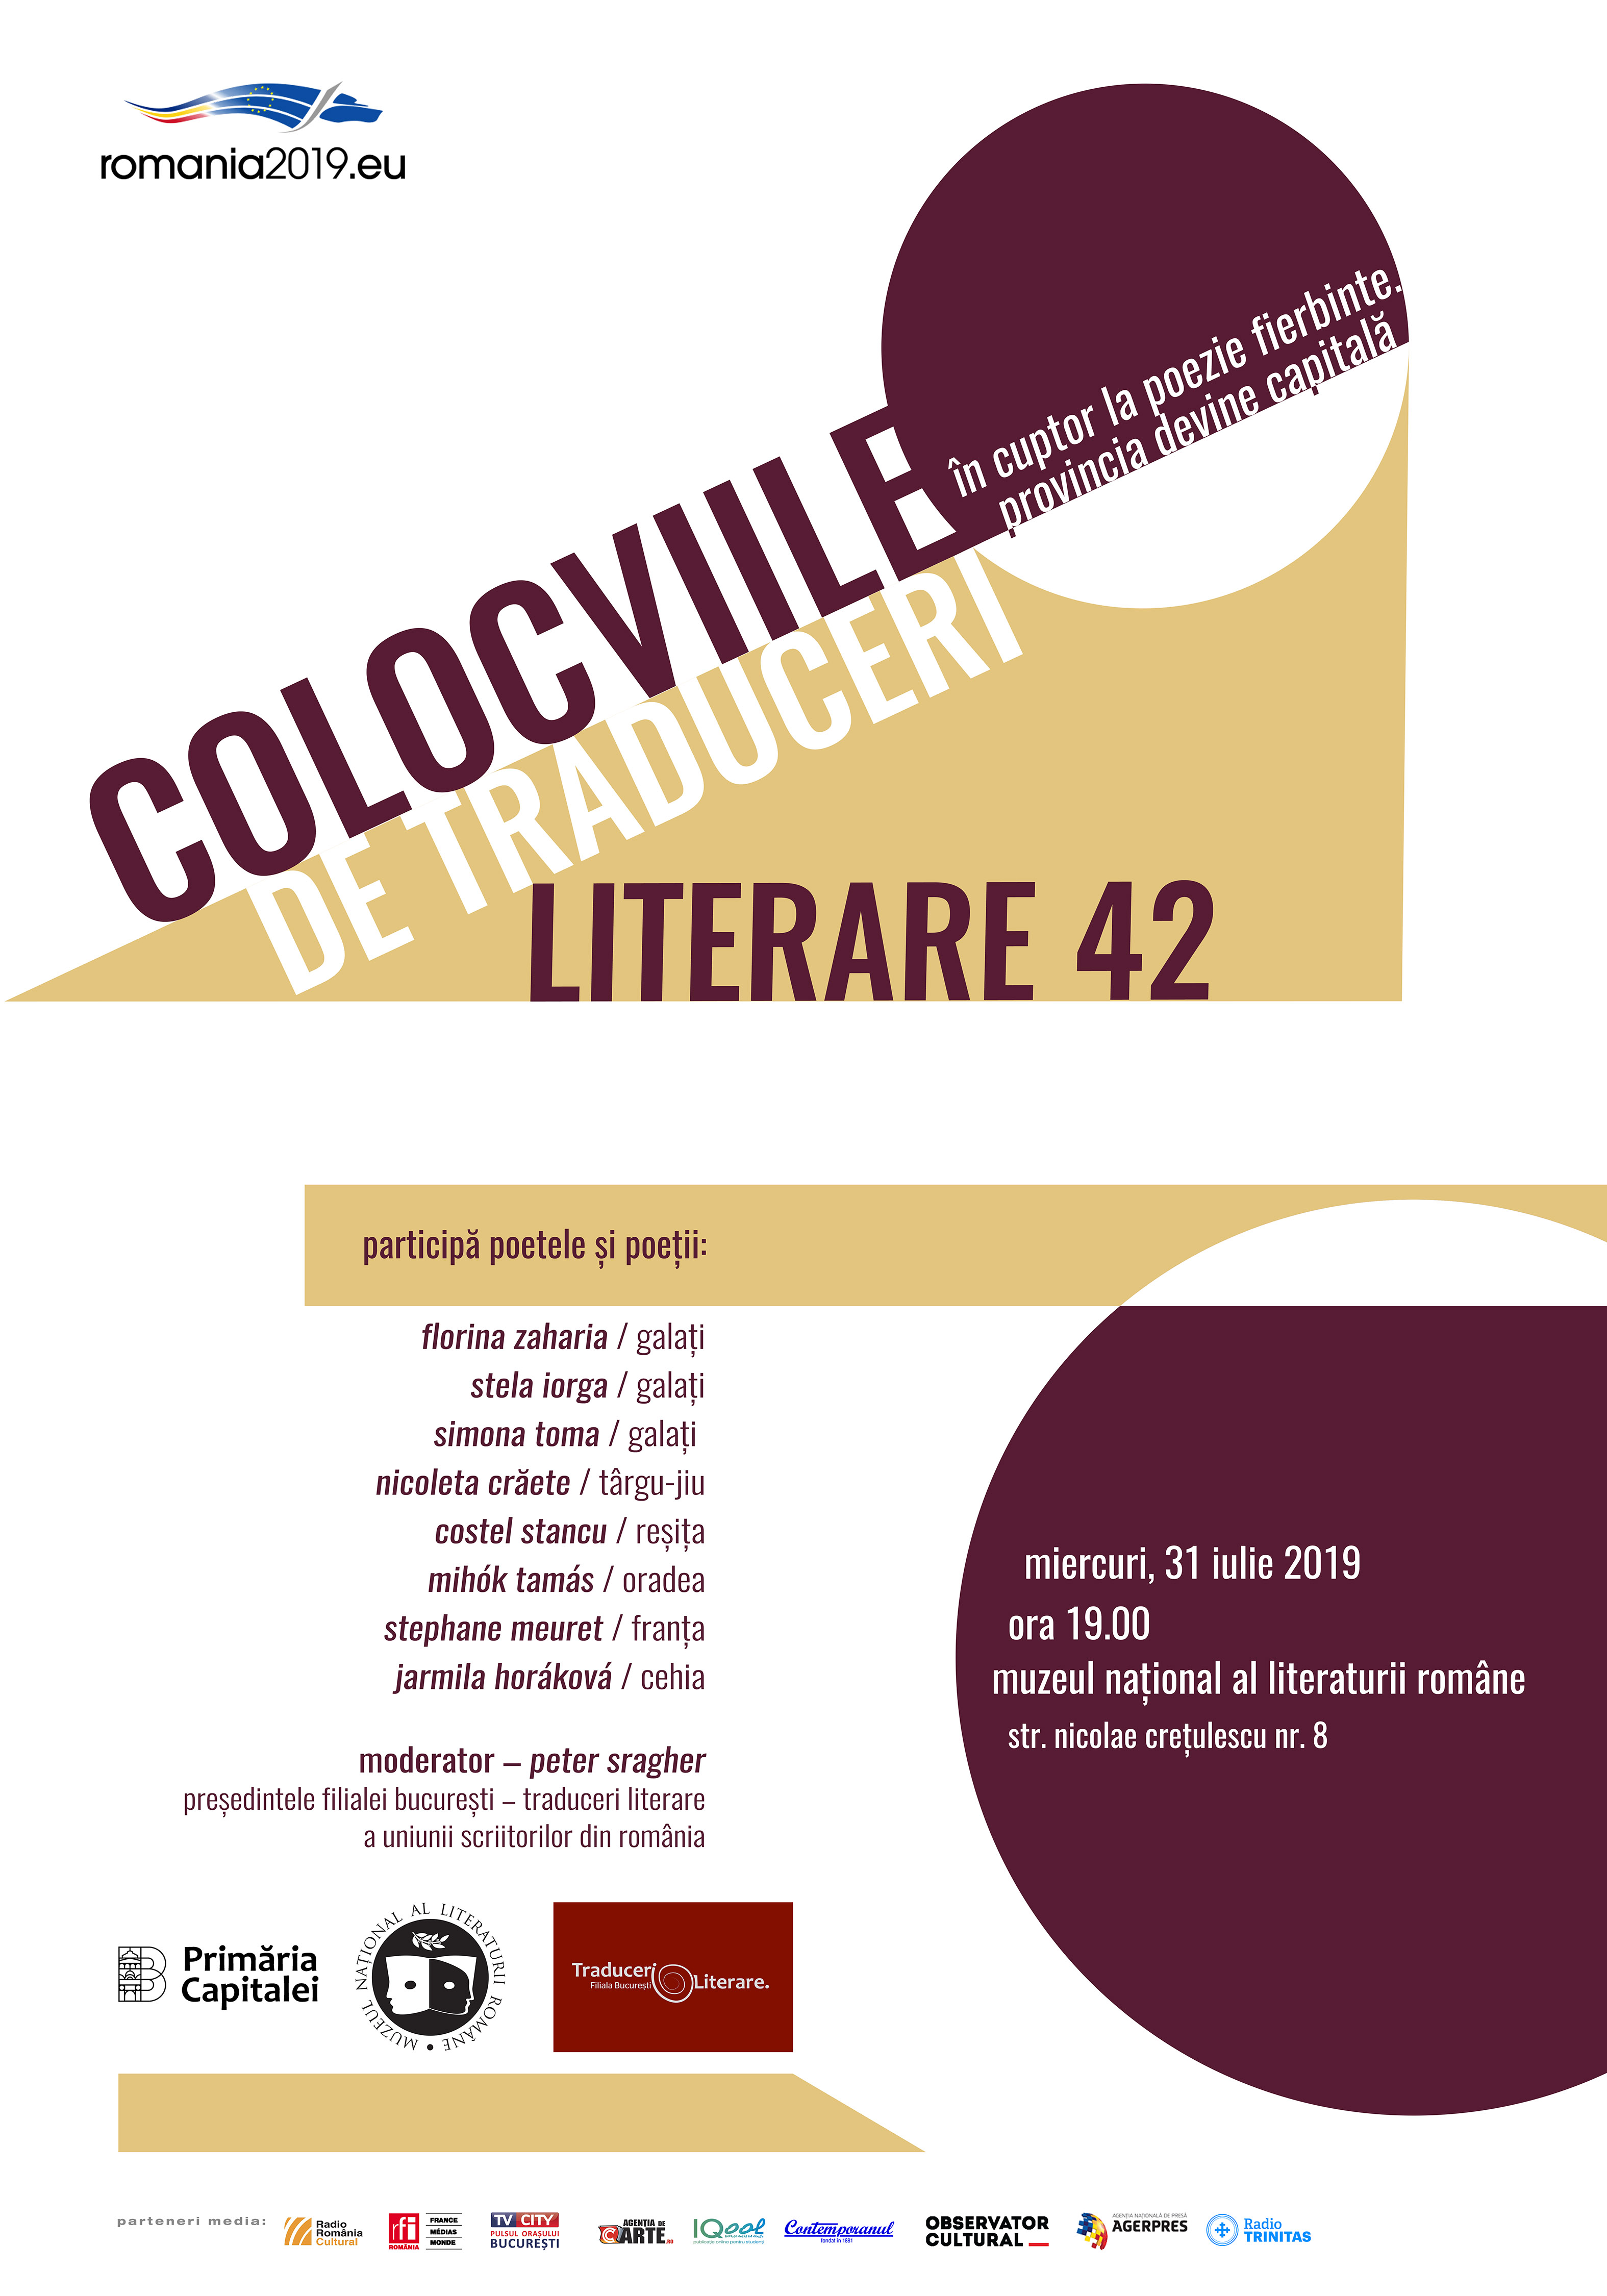 Colocviile de Traduceri Literare 42